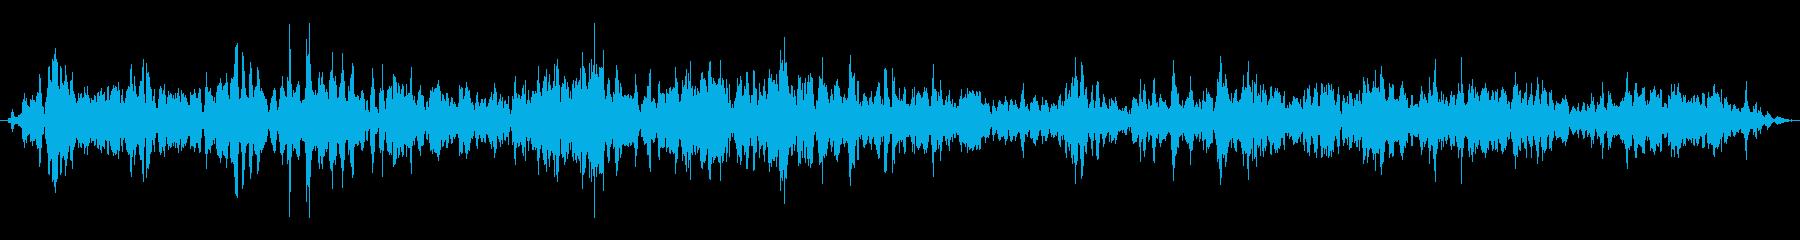 群集 男性の群衆ハッピー02の再生済みの波形